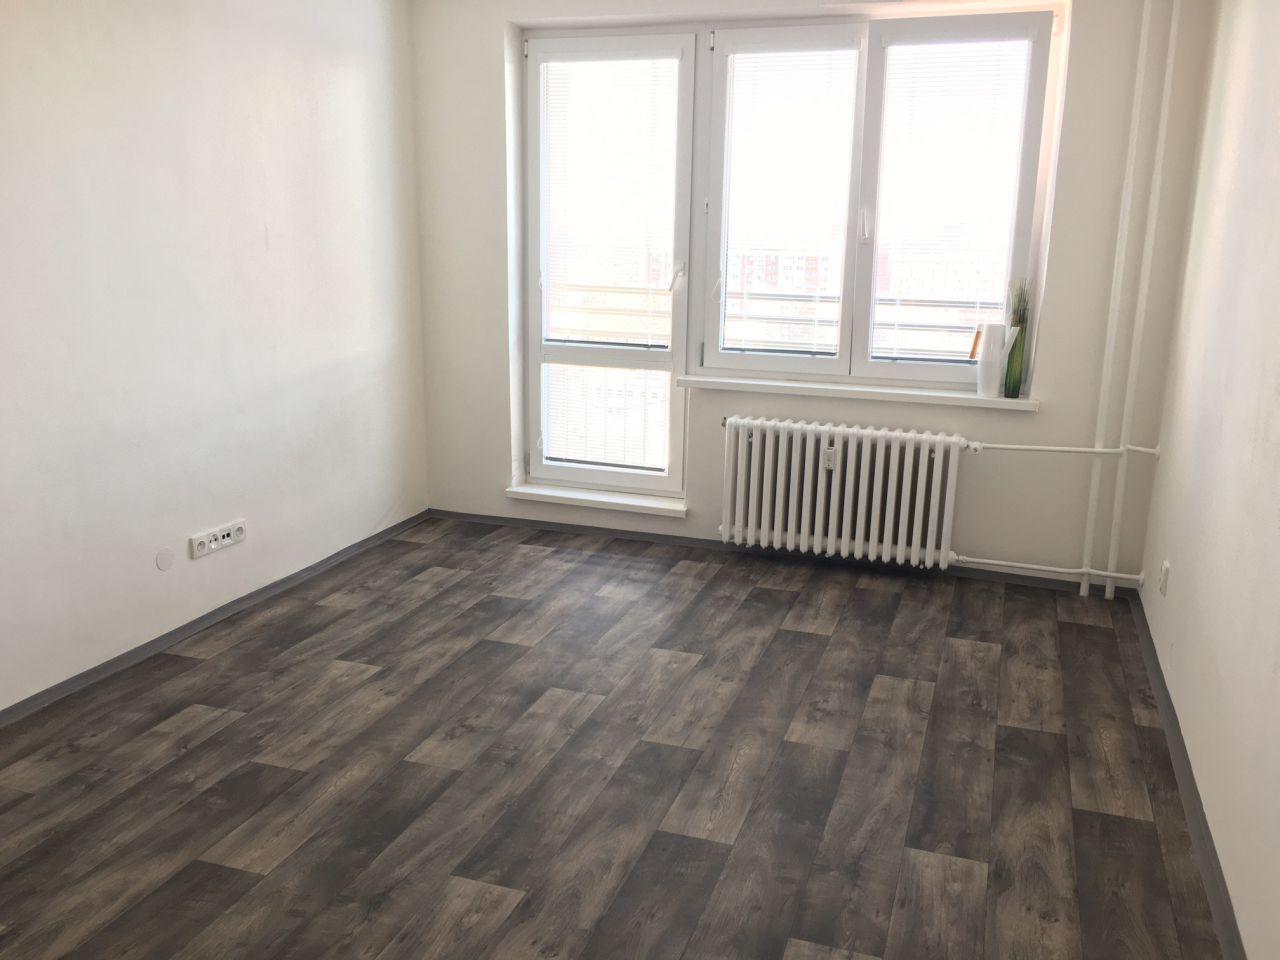 Pronájem bytu 1+kk 28 m2, ul. Čujkovova 2727/50, Ostrava - Zábřeh